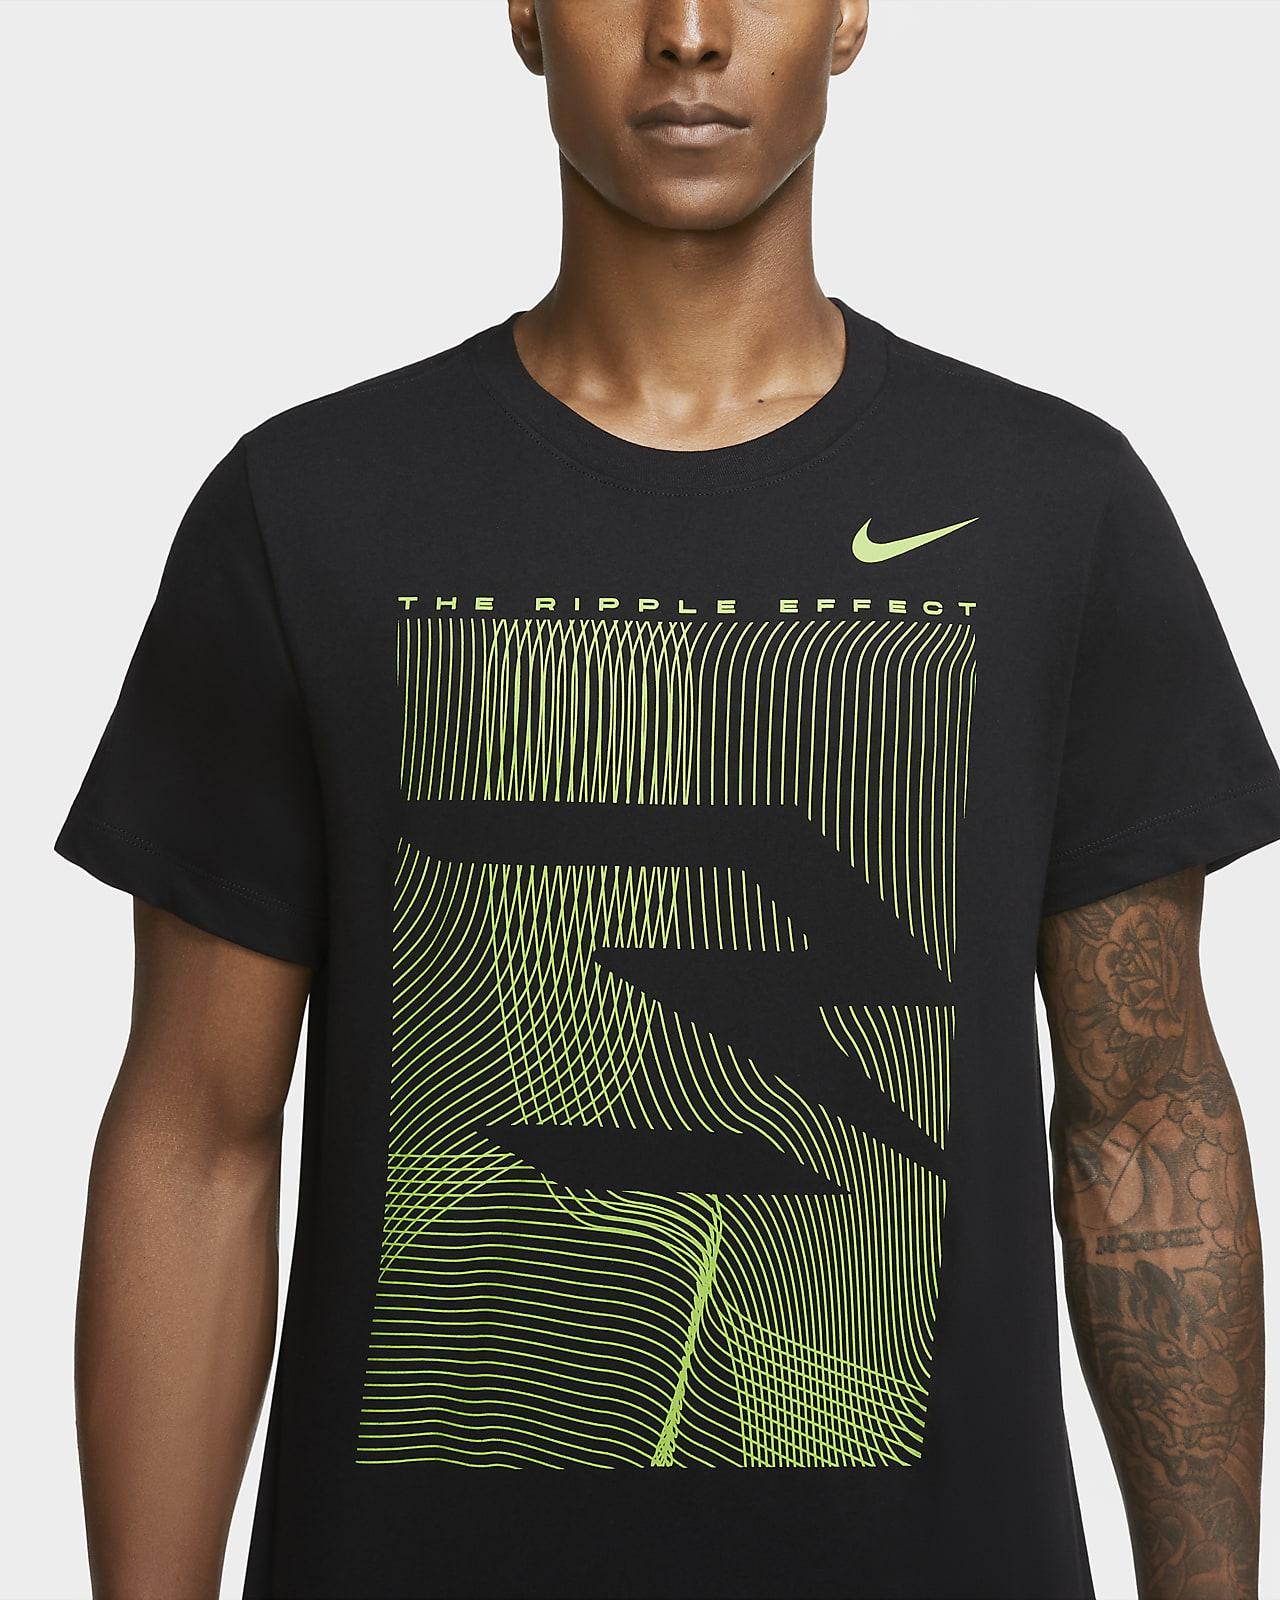 russell wilson jersey shirt